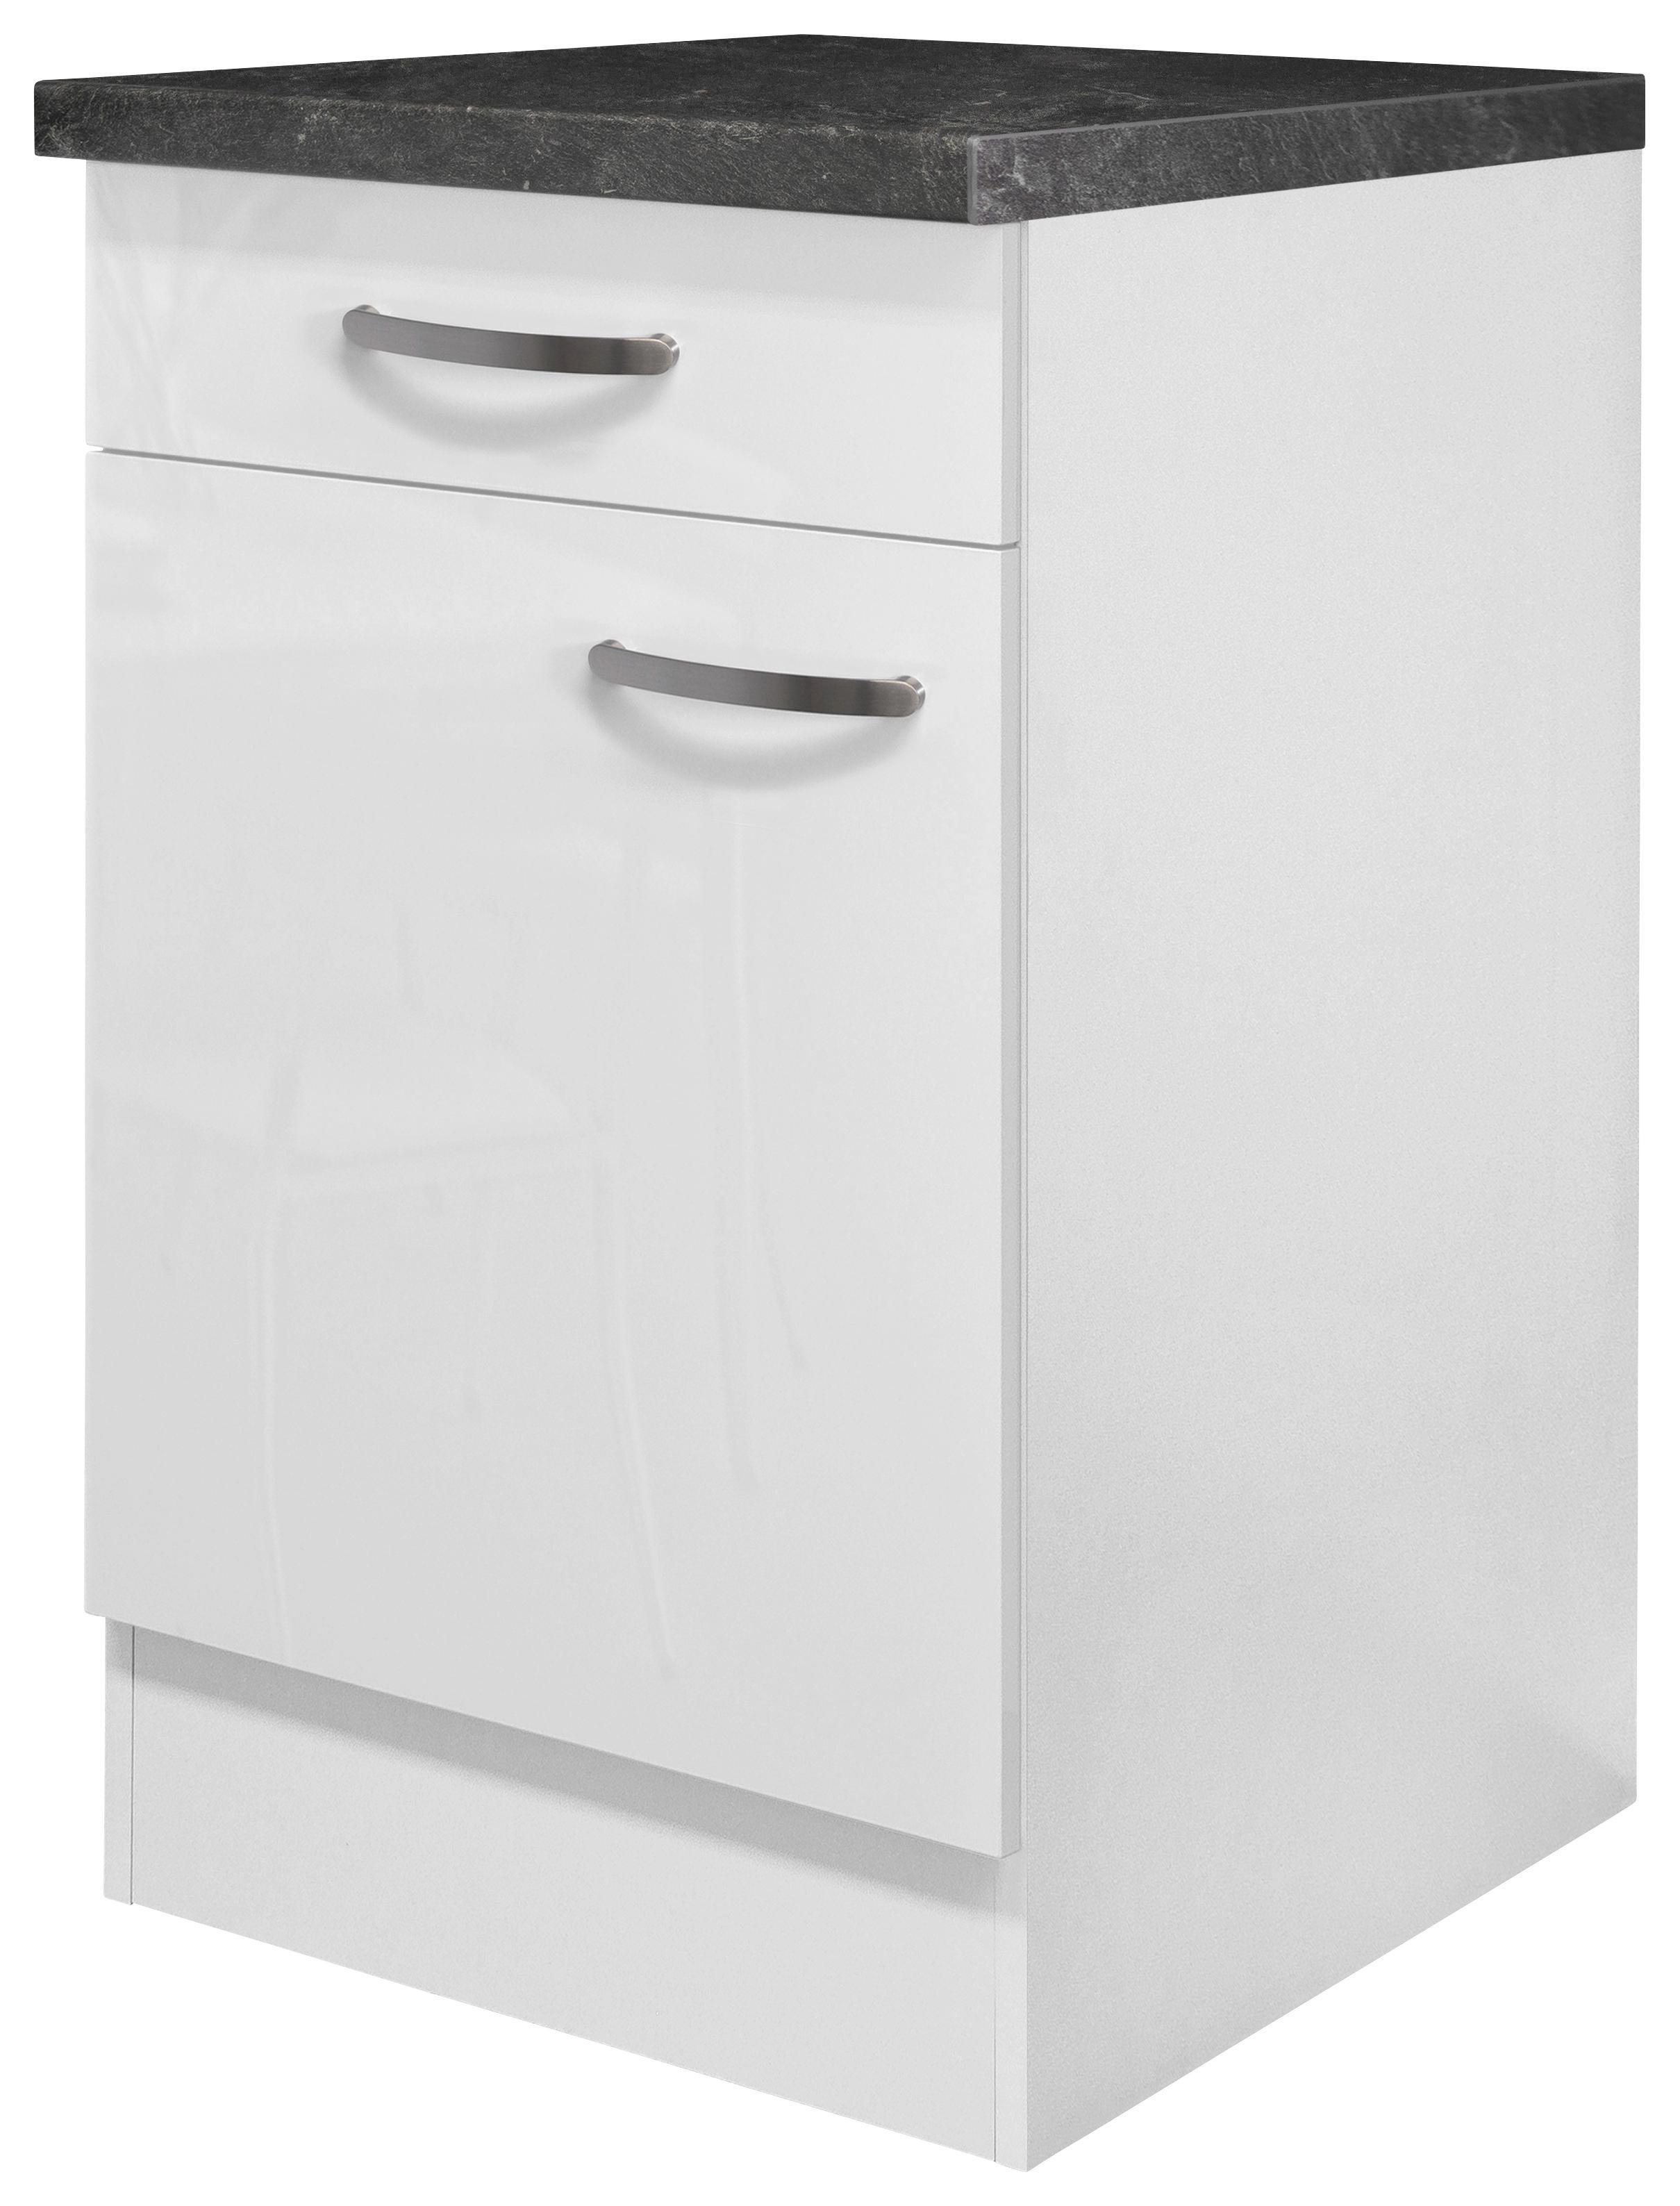 Wunderbar Billige Küchenunterschränke Ebay Bilder - Küchenschrank ...